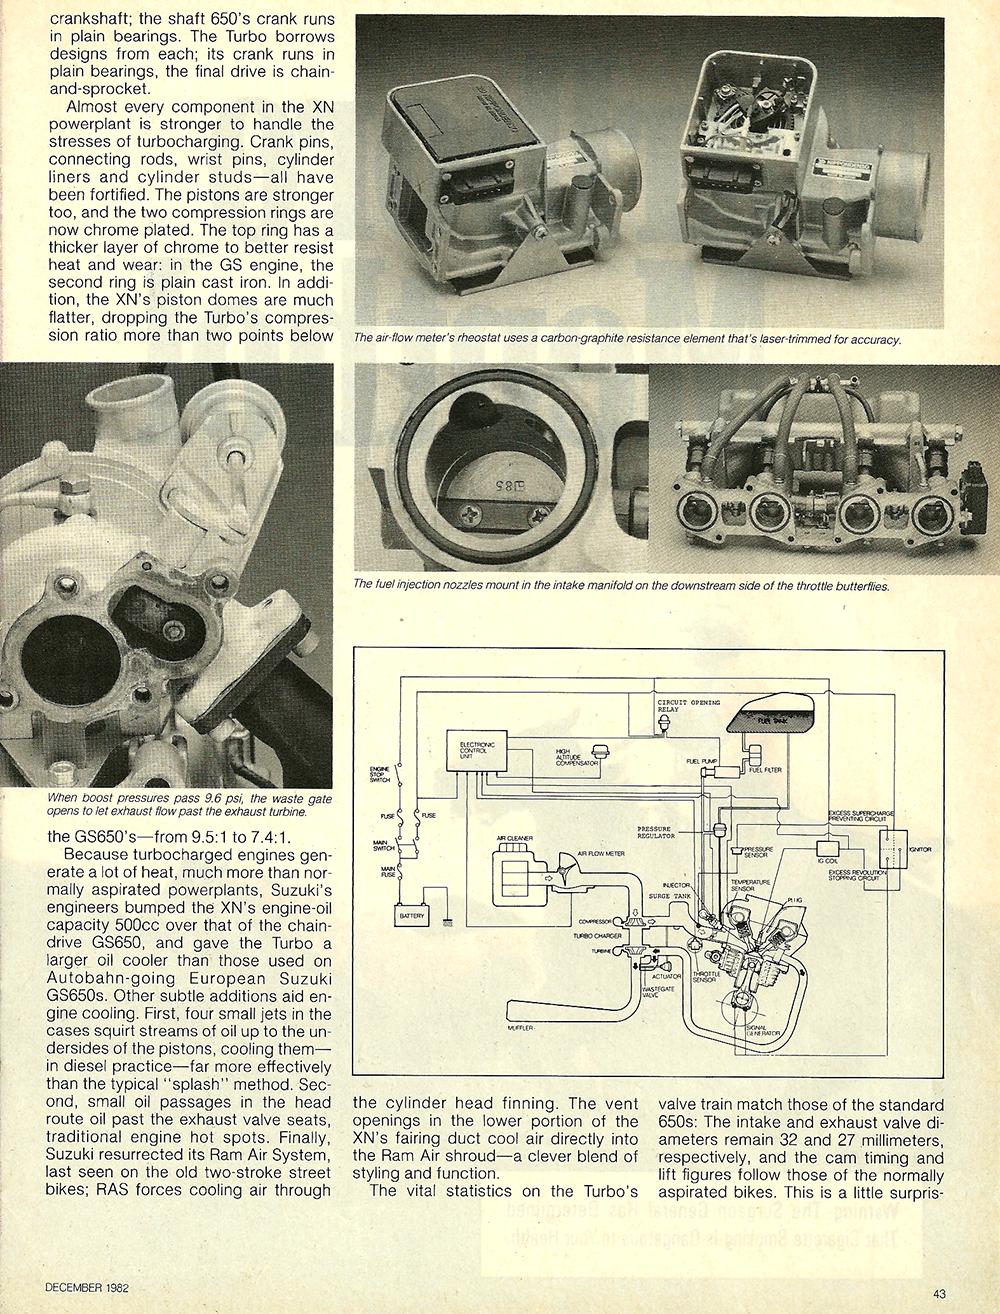 1983 Suzuki XN85 Turbo road test 6.jpg